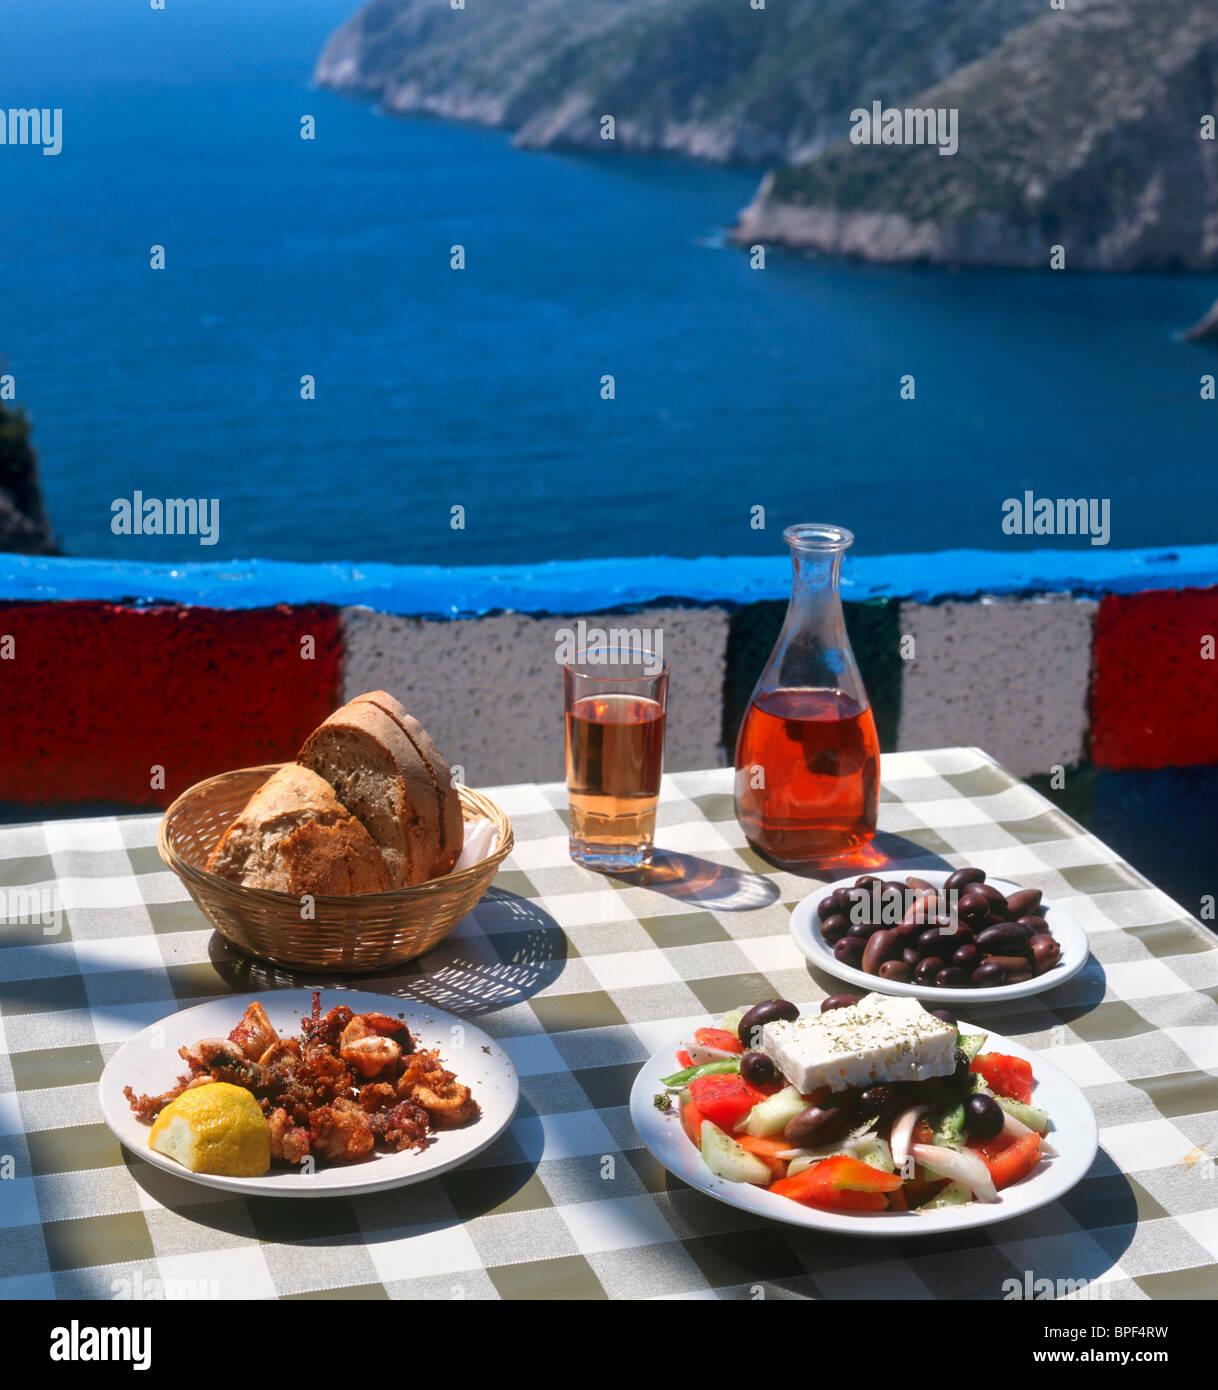 La nourriture grecque et du vin à une taverne à Kambi, Zakynthos (Zante), îles Ioniennes, Grèce Photo Stock